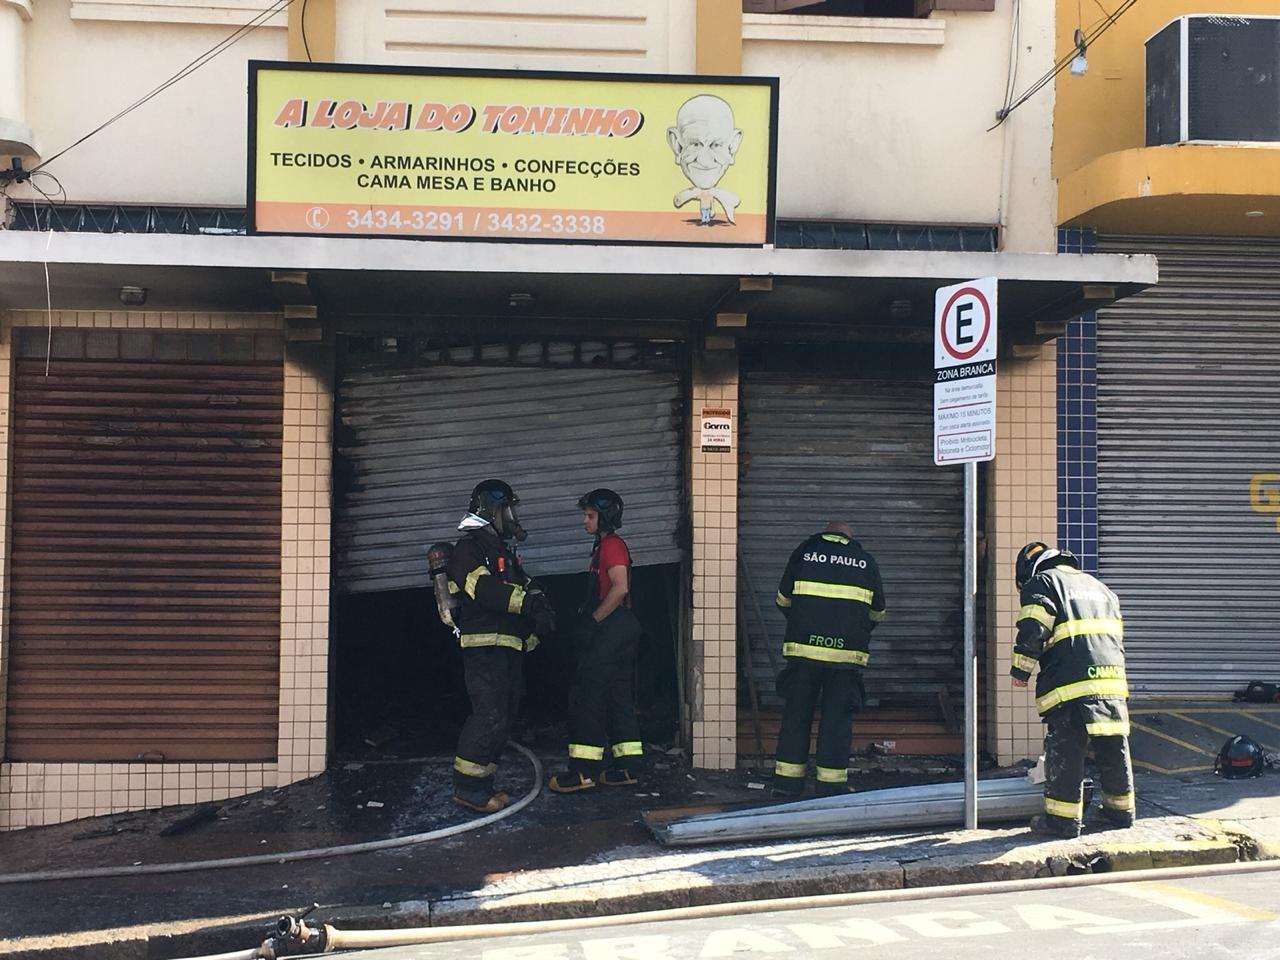 Tradição de 67 anos 'ferida' por incêndio: dono espera reabrir loja de tecidos de Piracicaba - Noticias